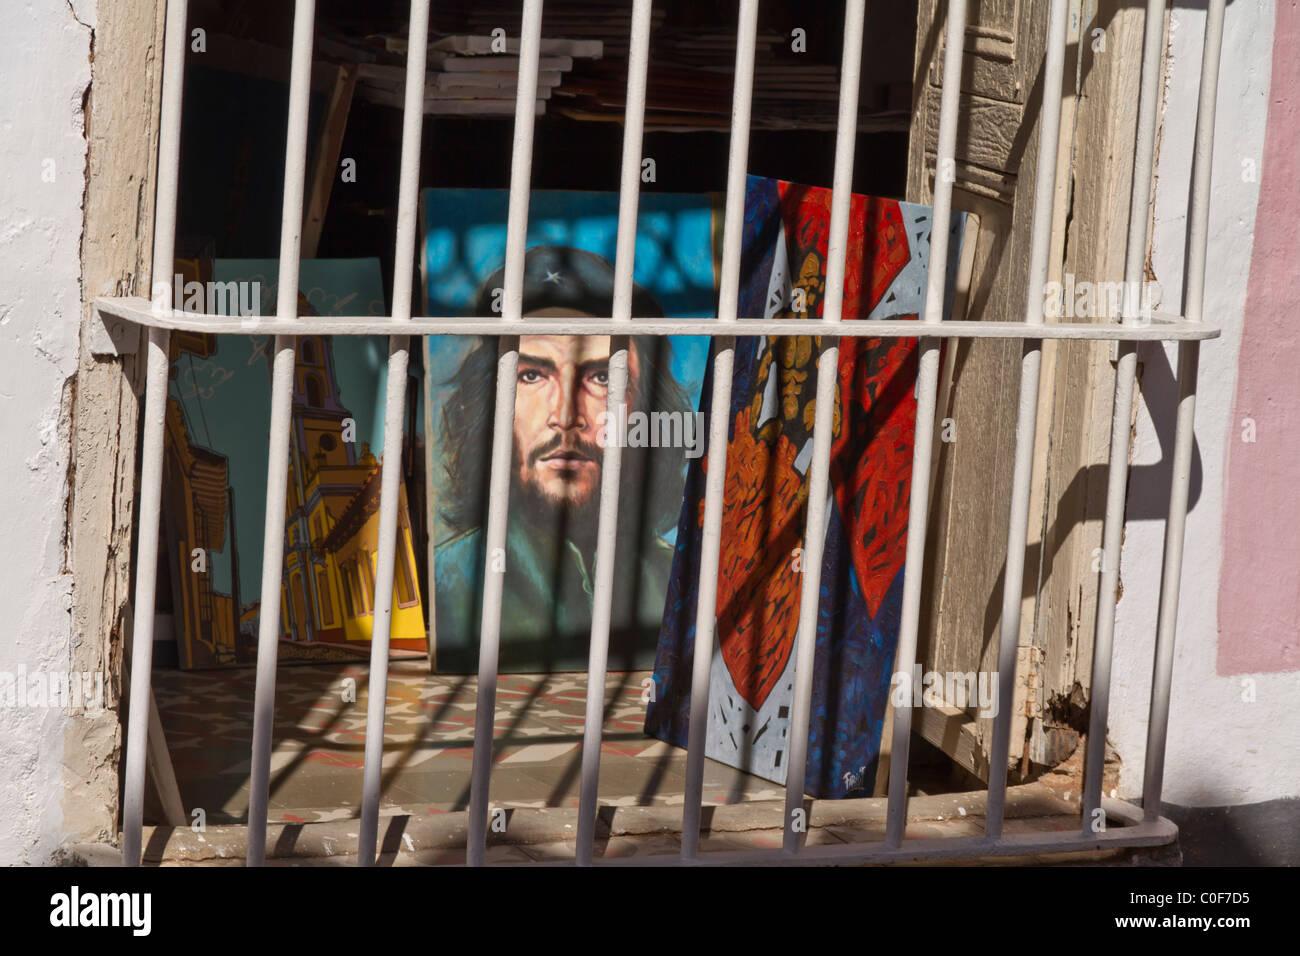 Cuban Art, Che Guevara Painting, Trinidad, Cuba - Stock Image